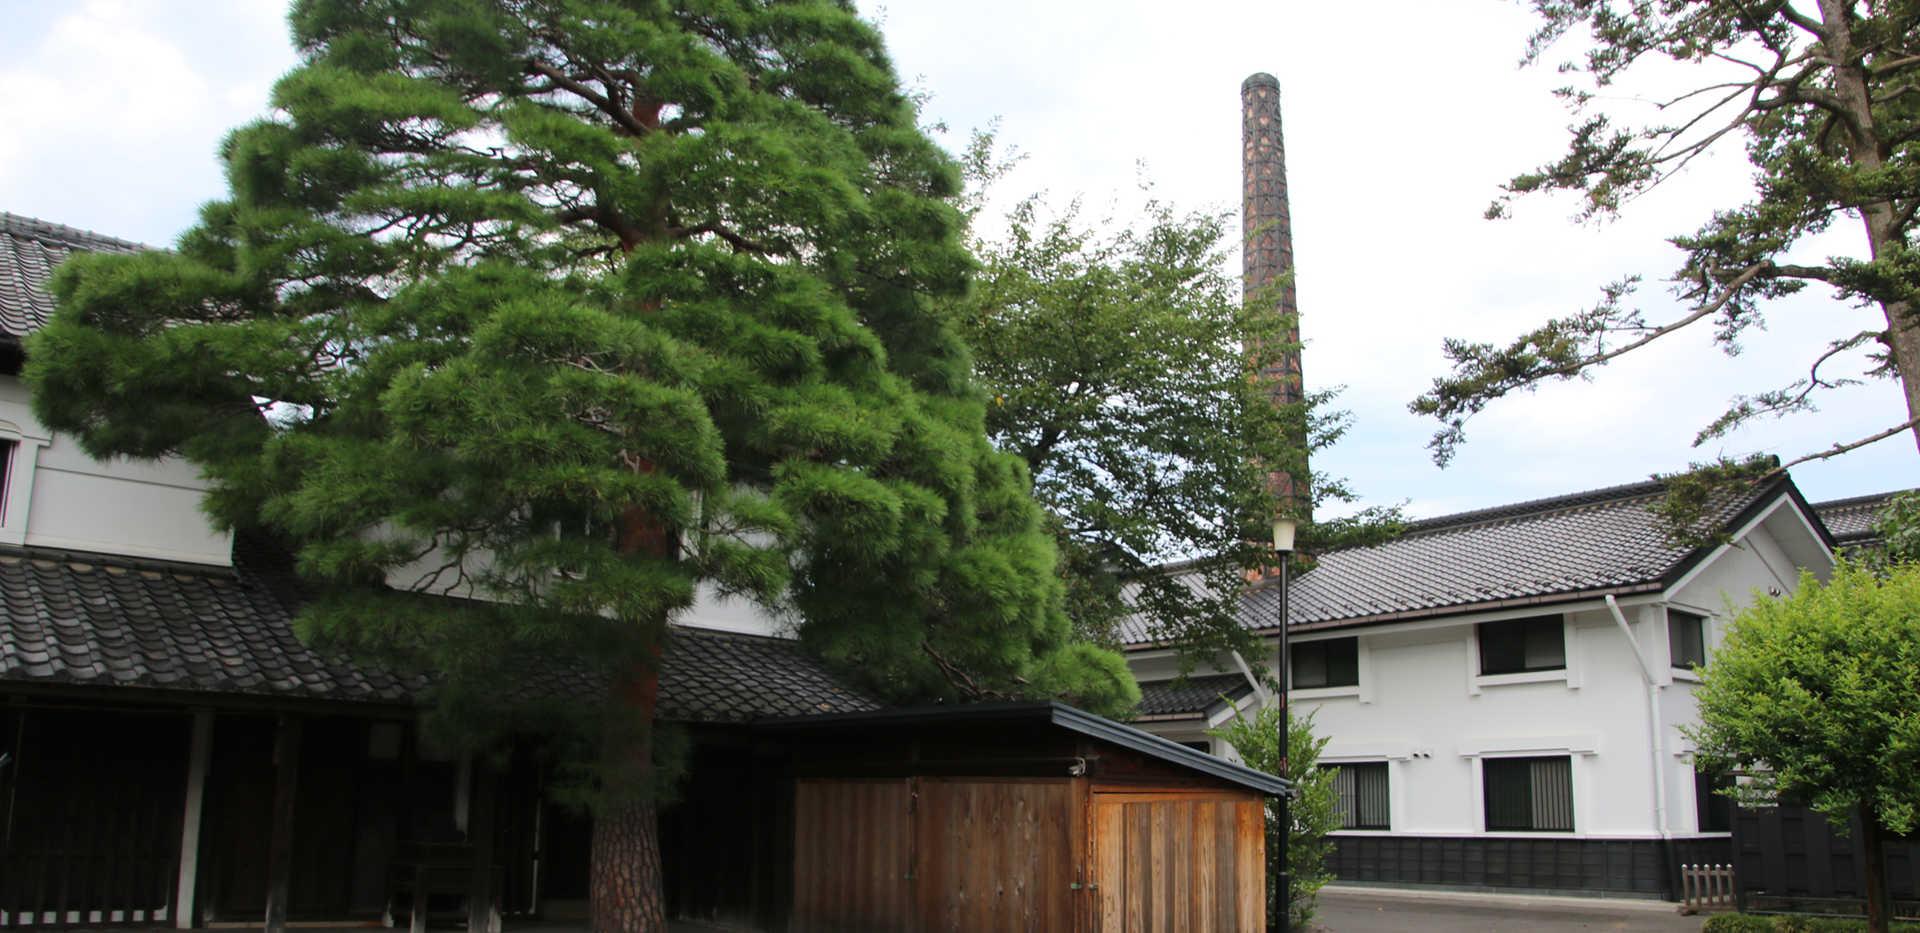 Tamura_02.JPG